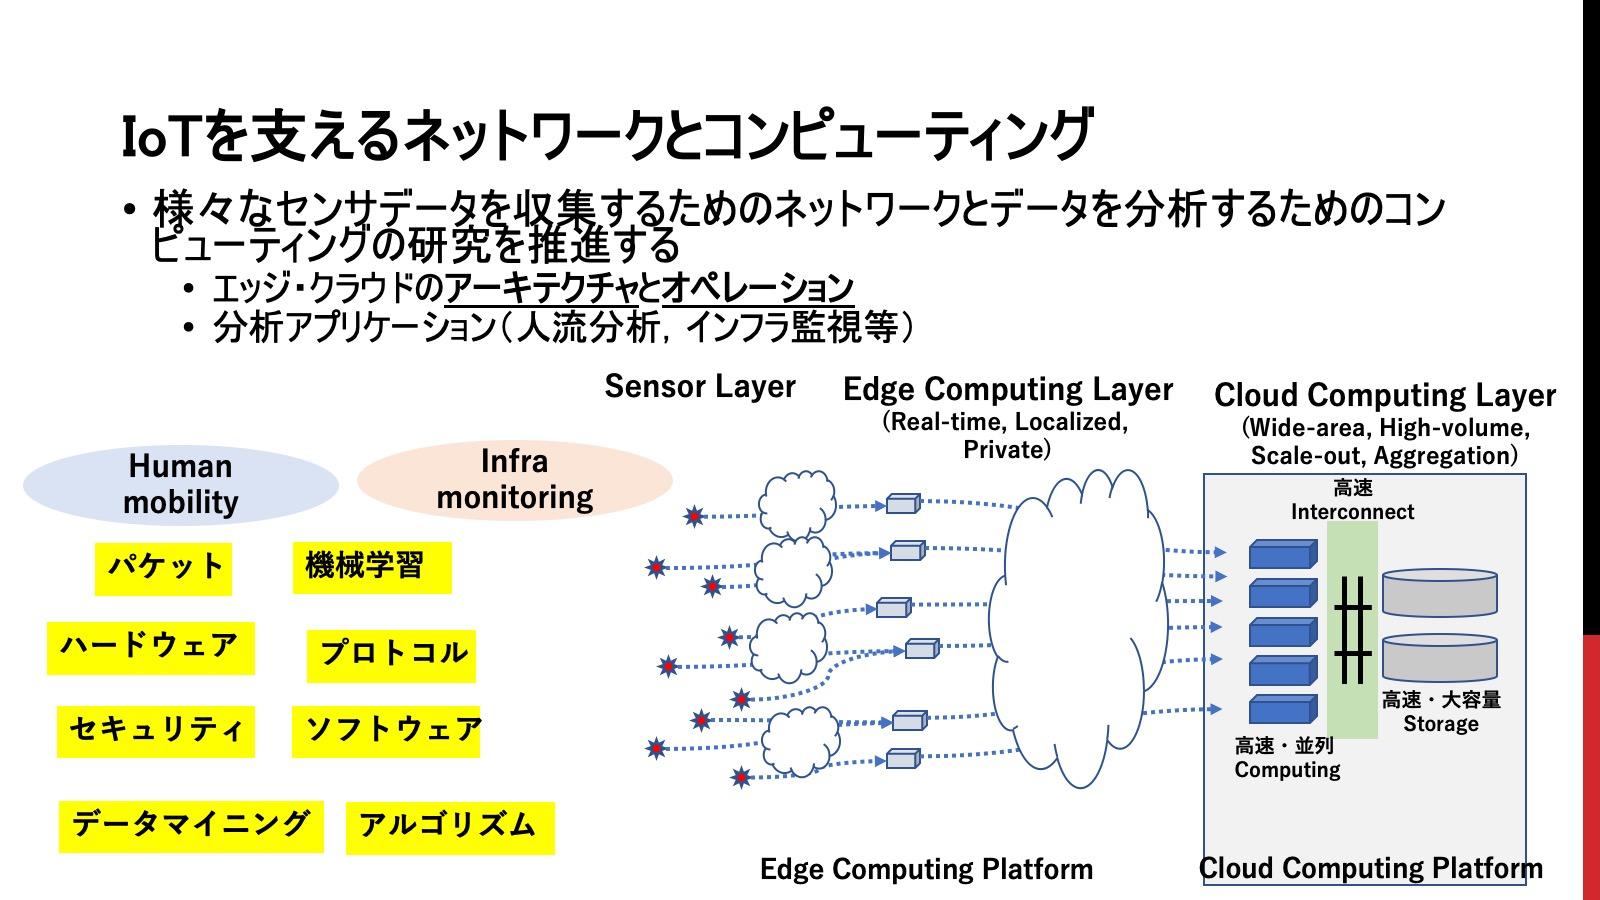 IoTを支えるネットワークコンピューティング